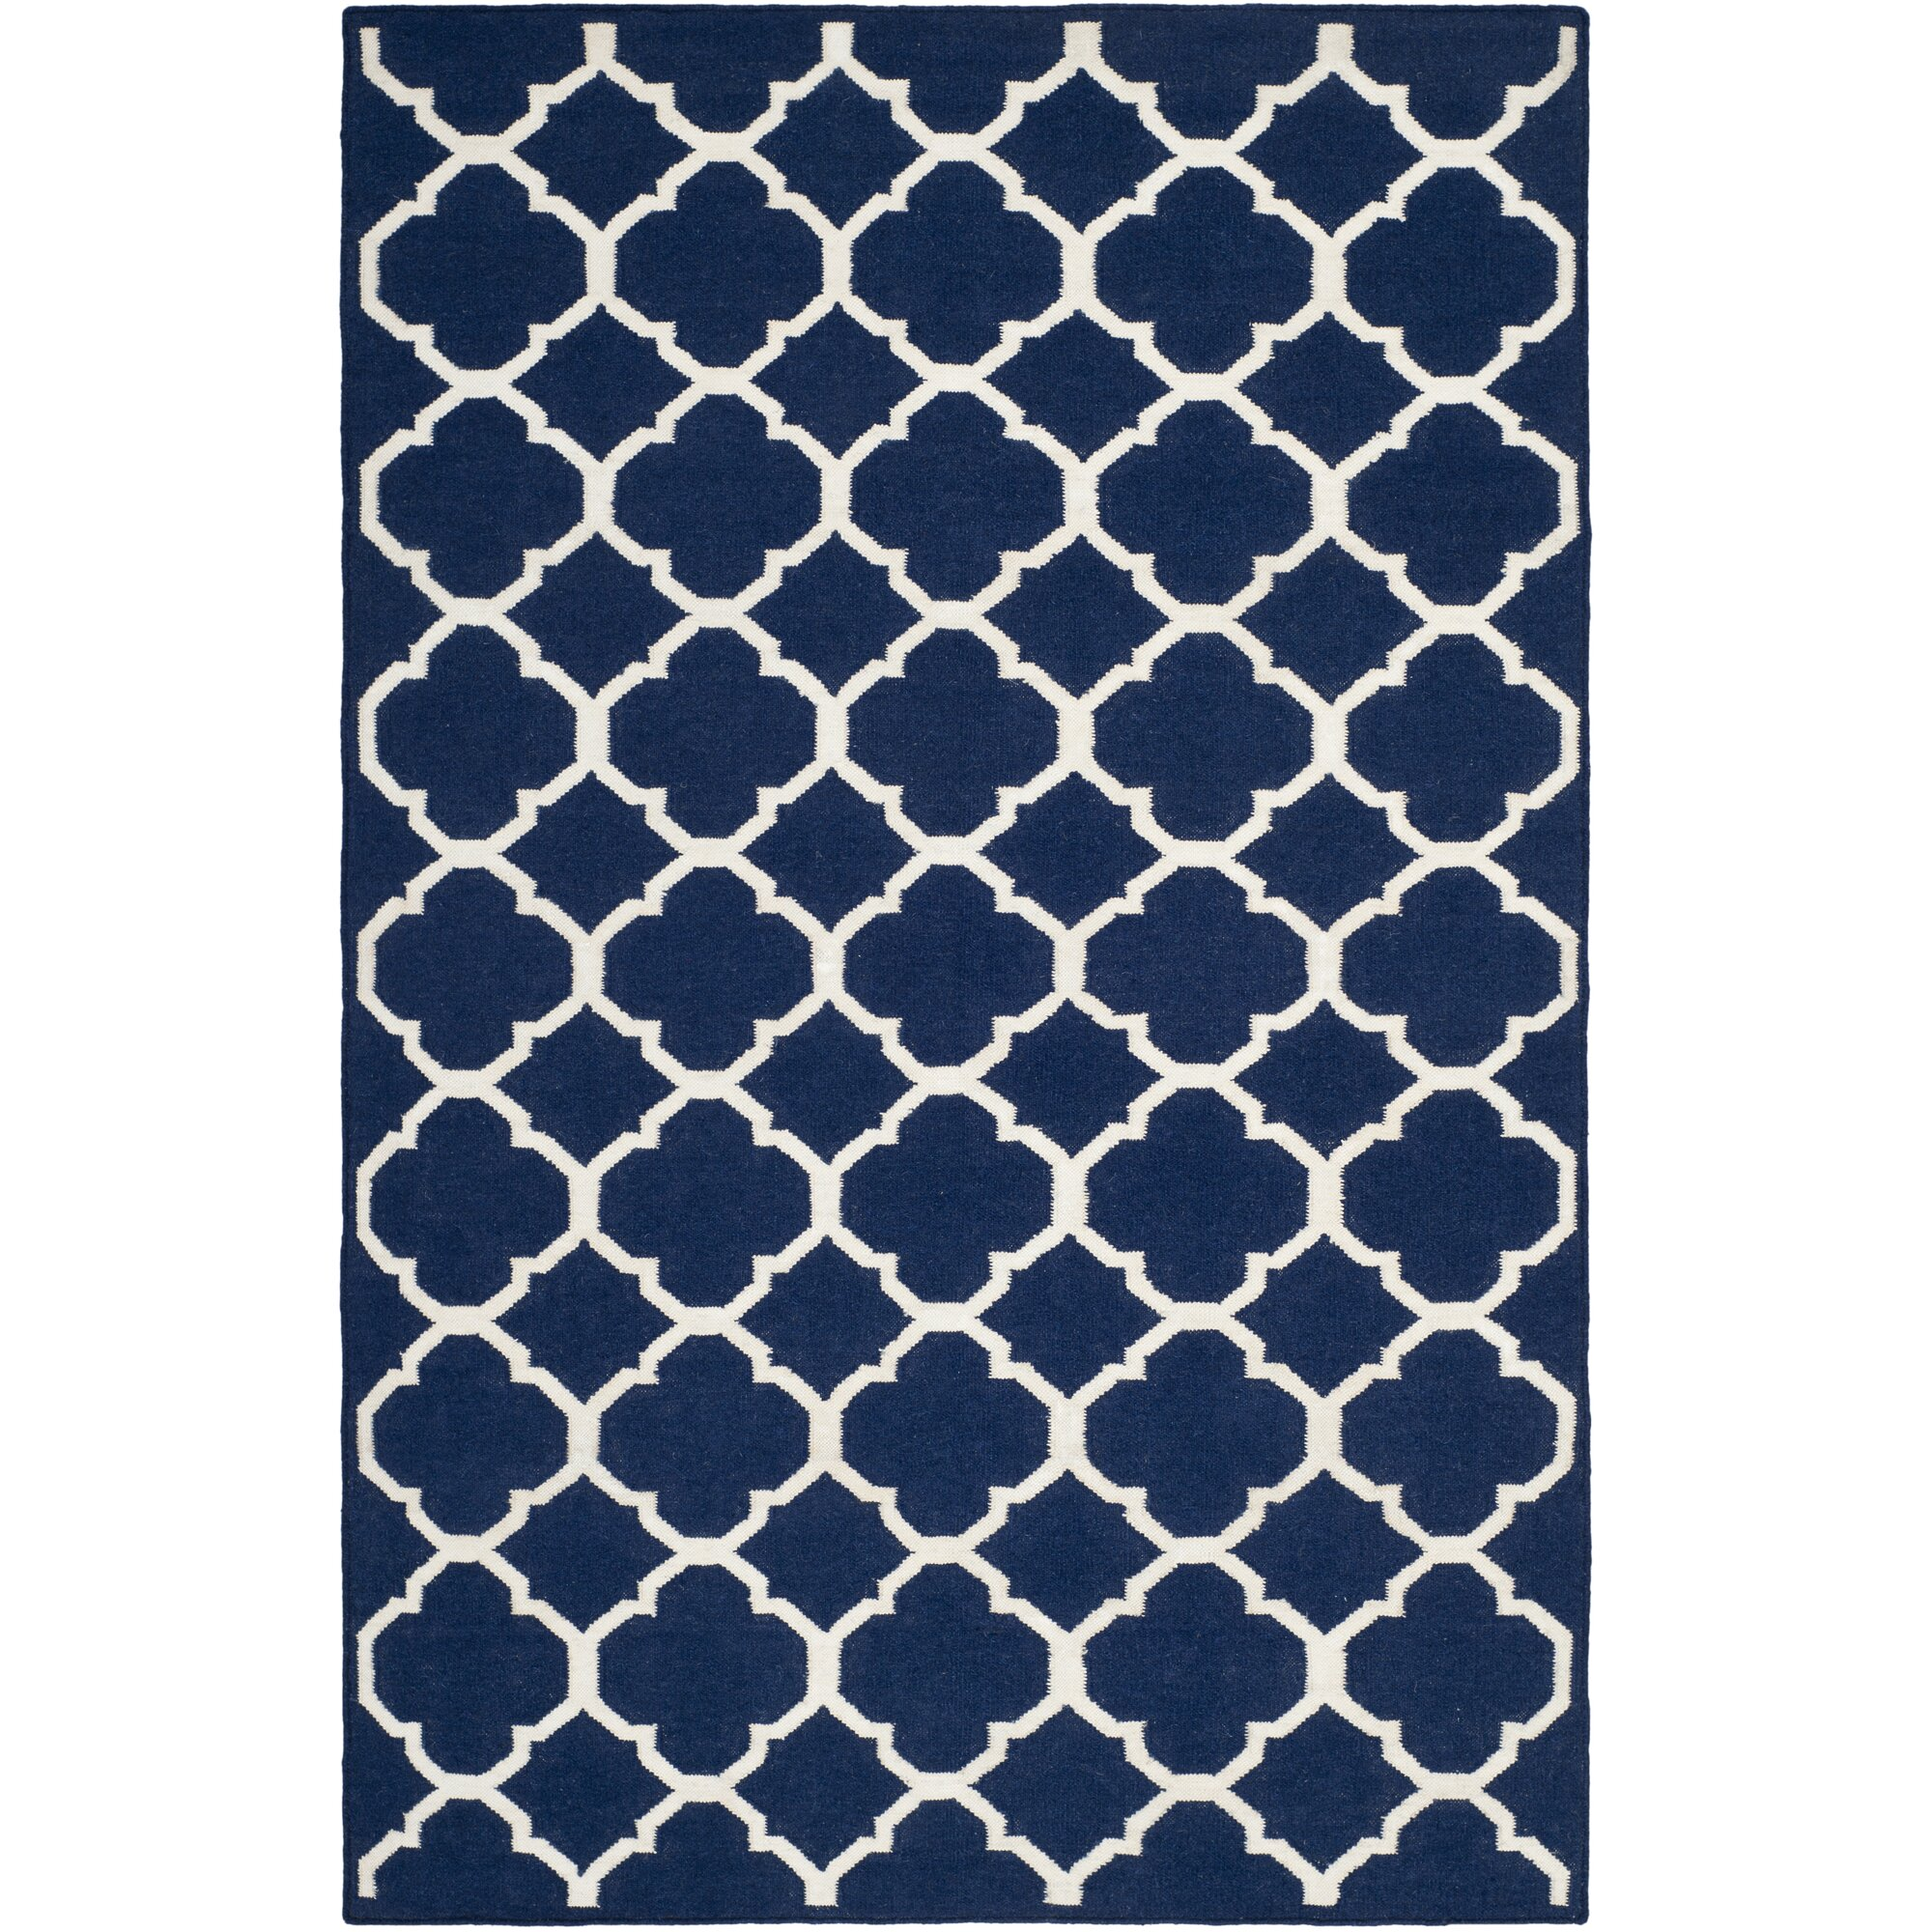 Safavieh Handgefertigter Teppich Dhurrie in Navyblau